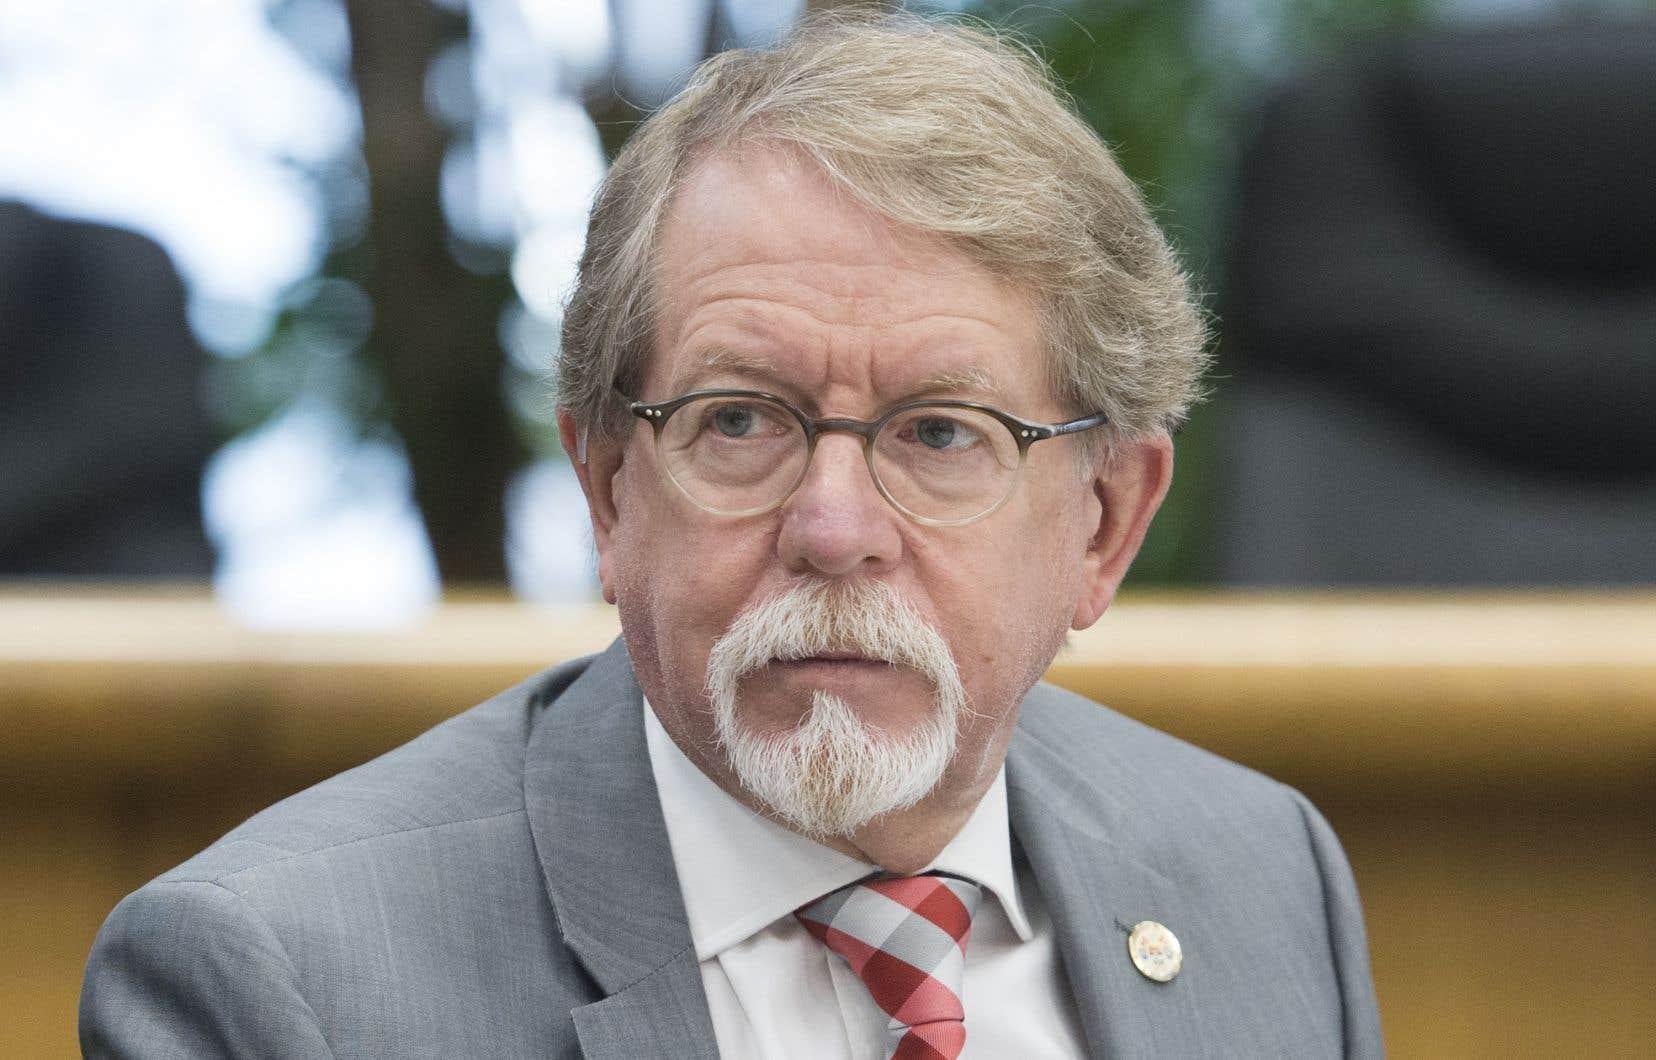 Le maire de Hampstead, William Steinberg, a essuyé de nombreuses critiques après avoir accusé le gouvernement caquiste de vouloir procéder à un «nettoyage ethnique» avec son projet de loi sur la laïcité.